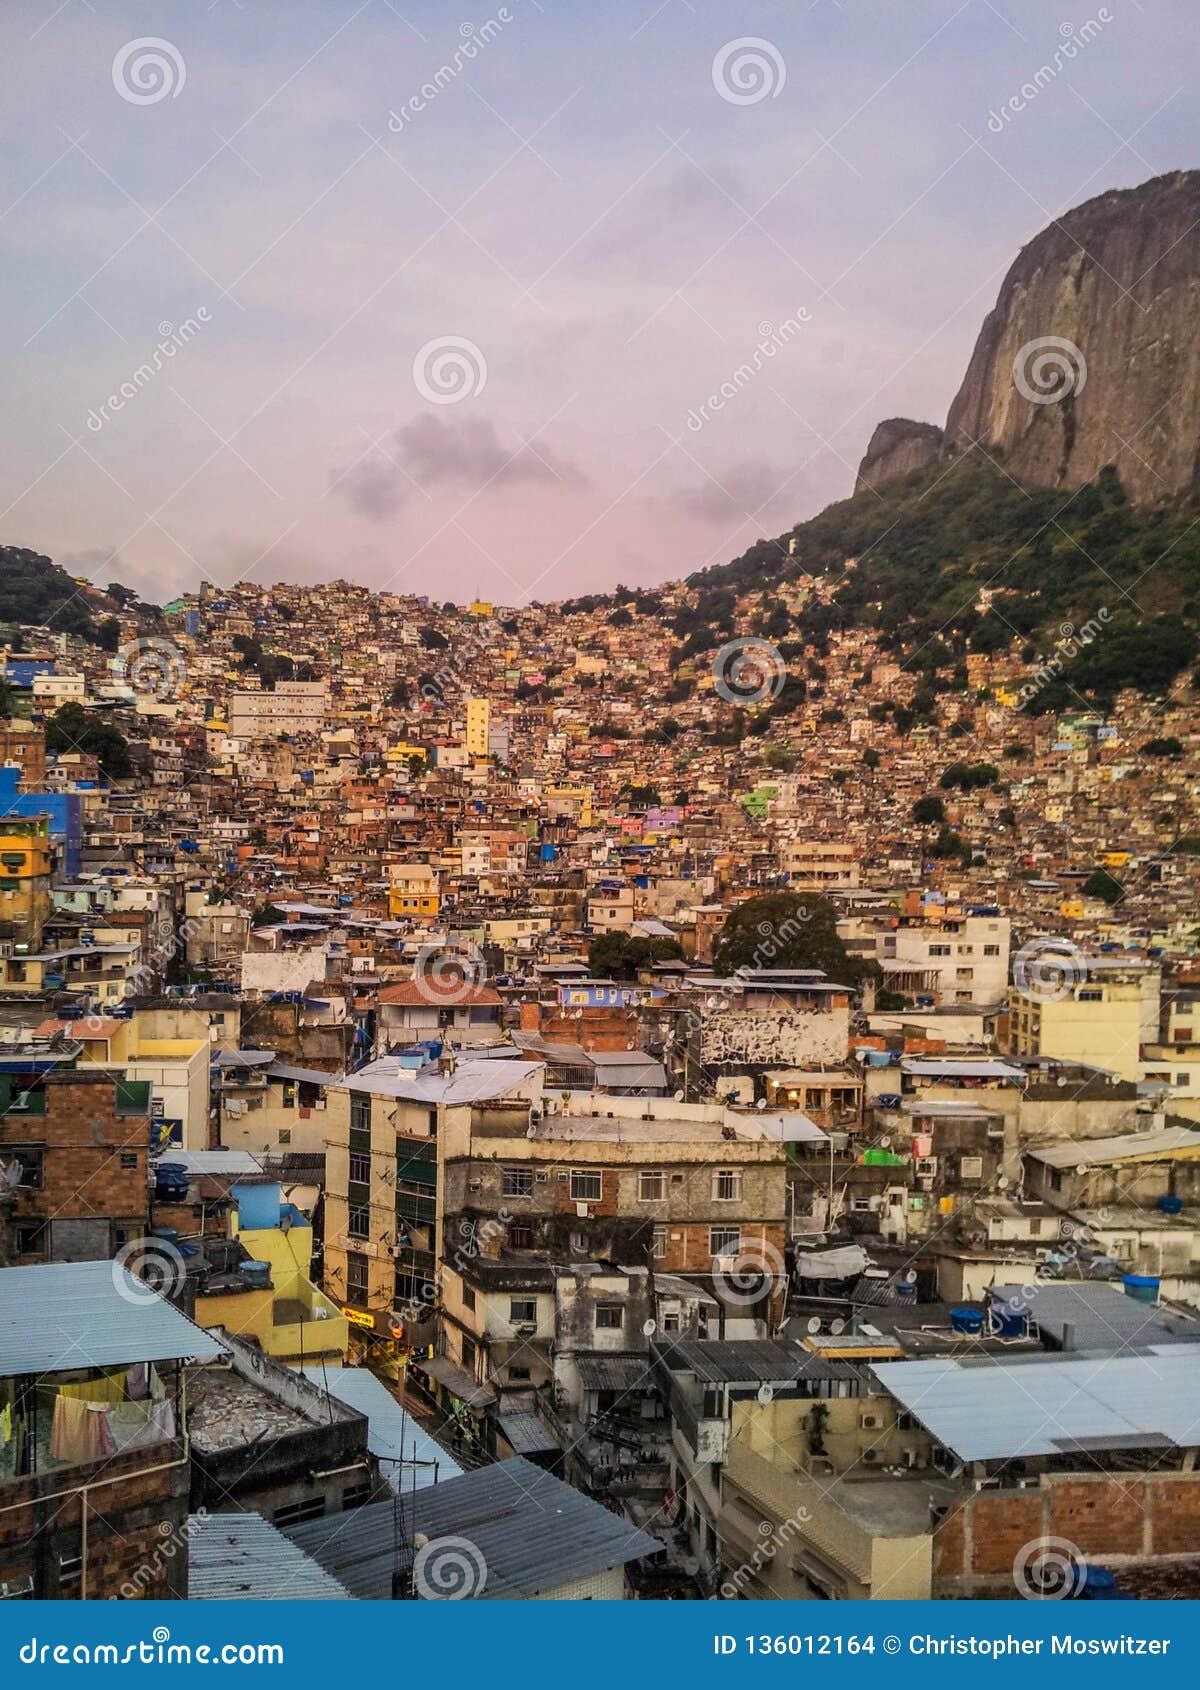 Brazil - Favela of Rocinha in Rio de Janeiro